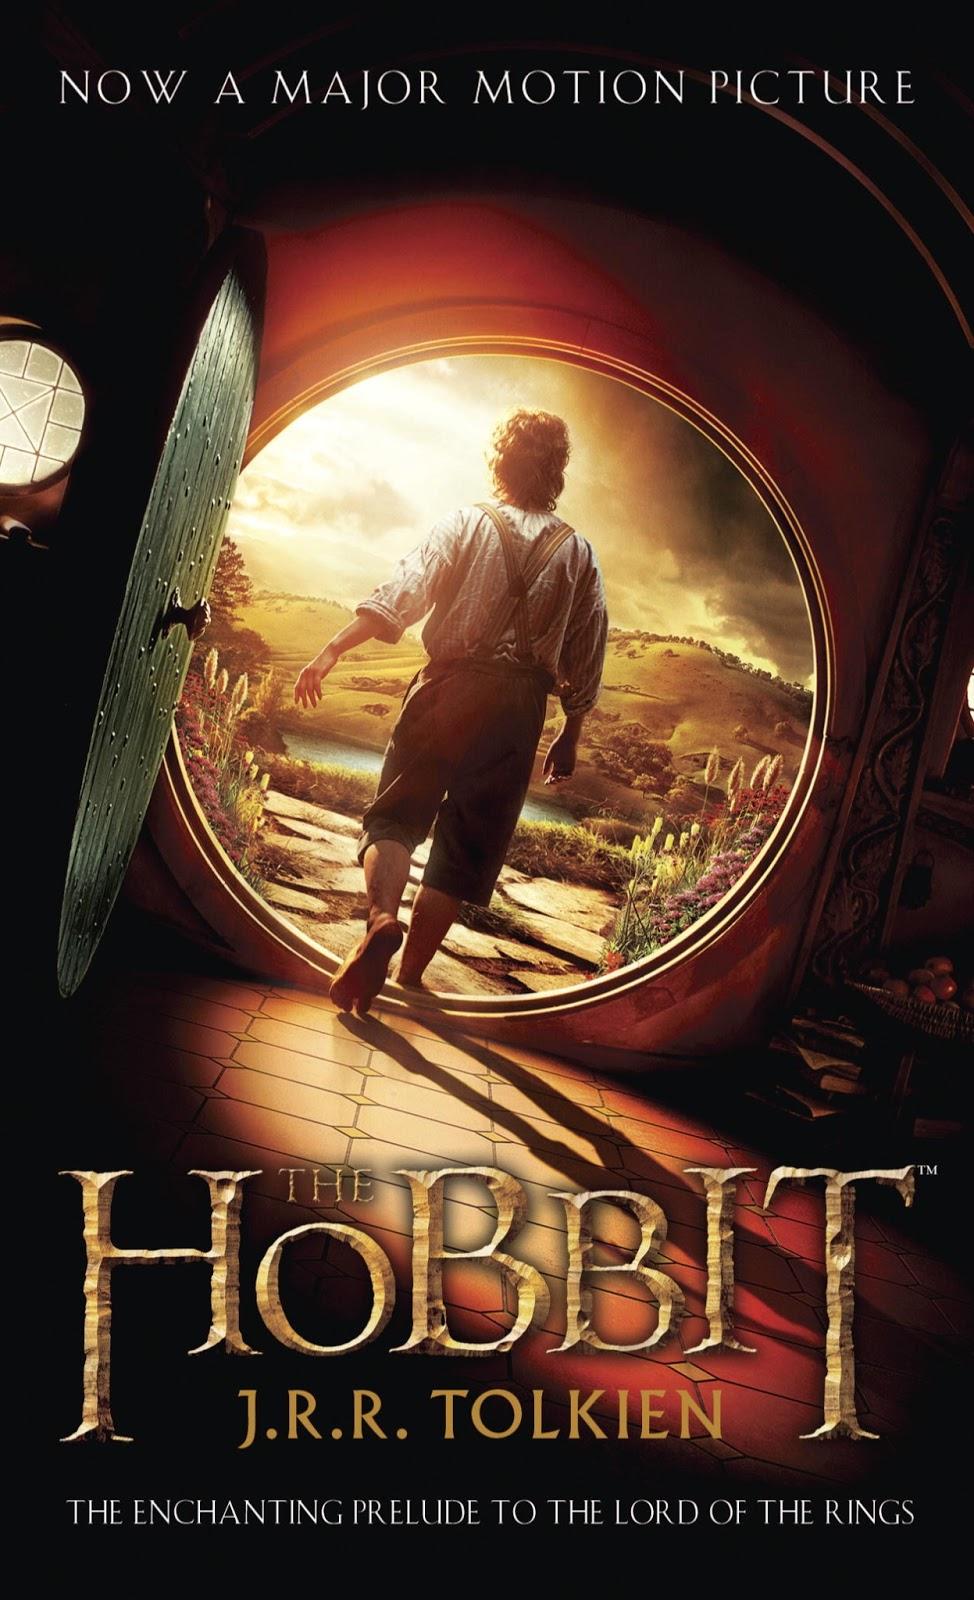 The Hobbit - Novel Cover